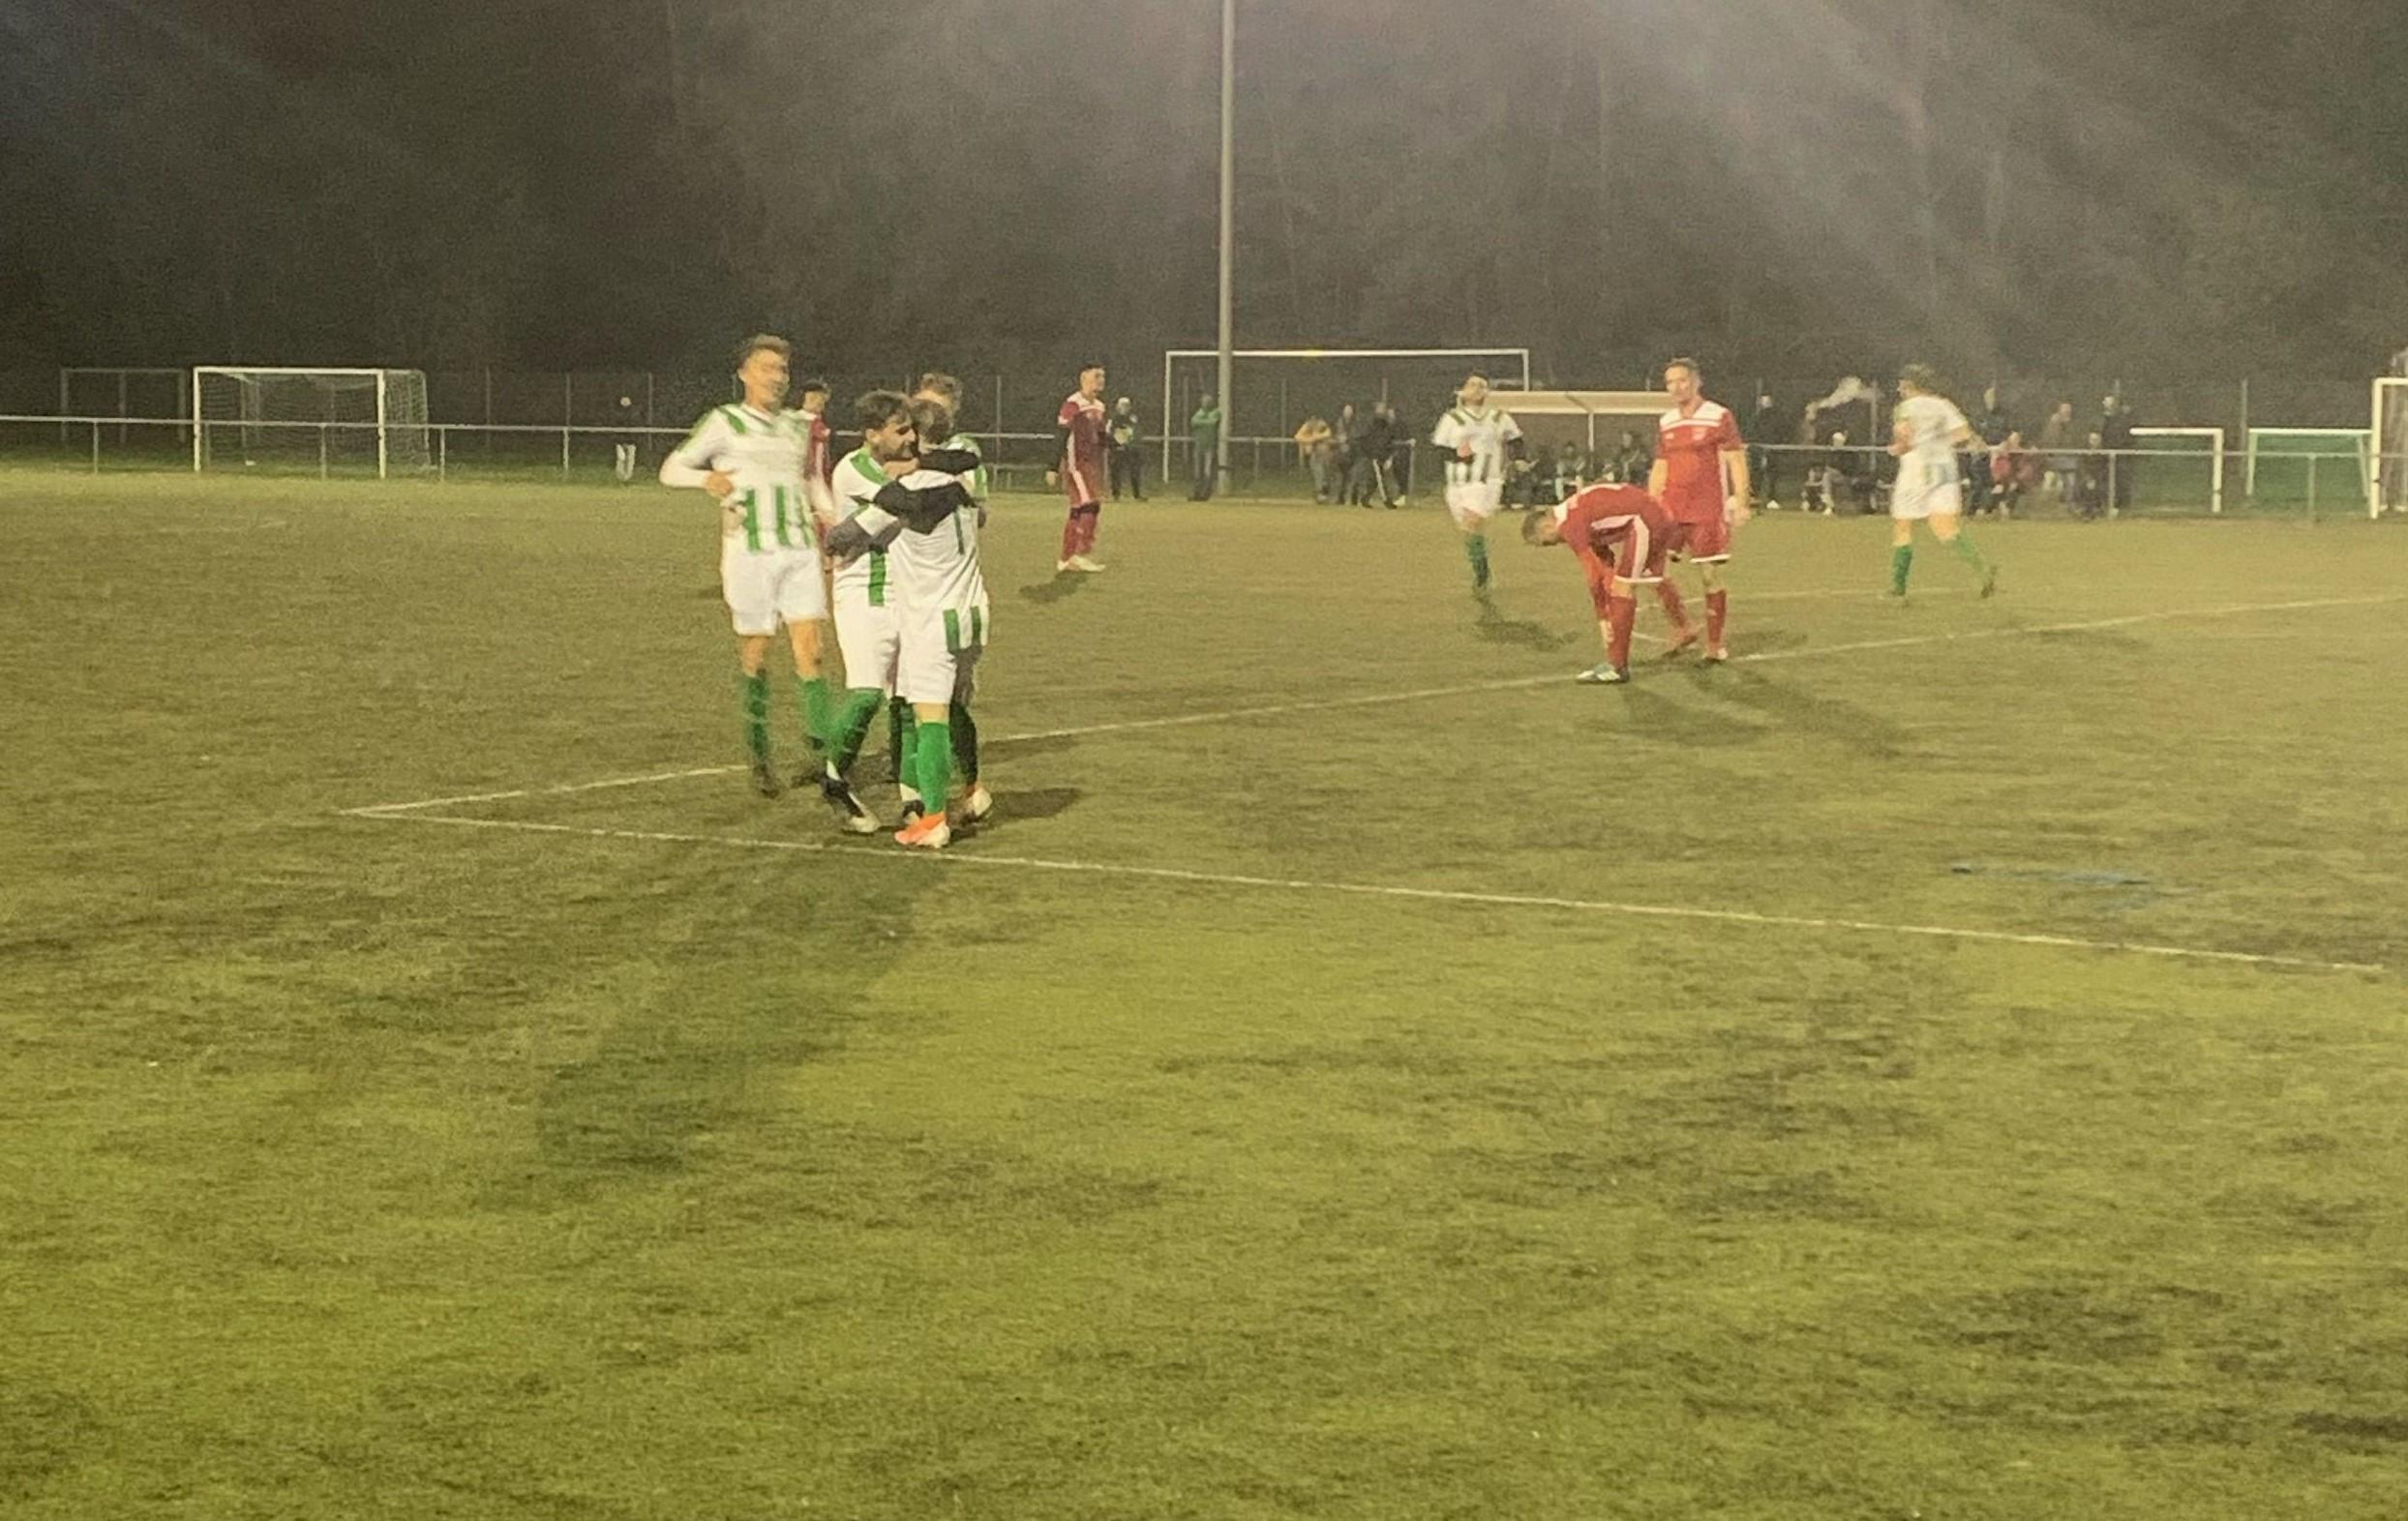 Spielbericht 3. Mannschaft gegen SV Herxheimweyher II vom 13.10.2020